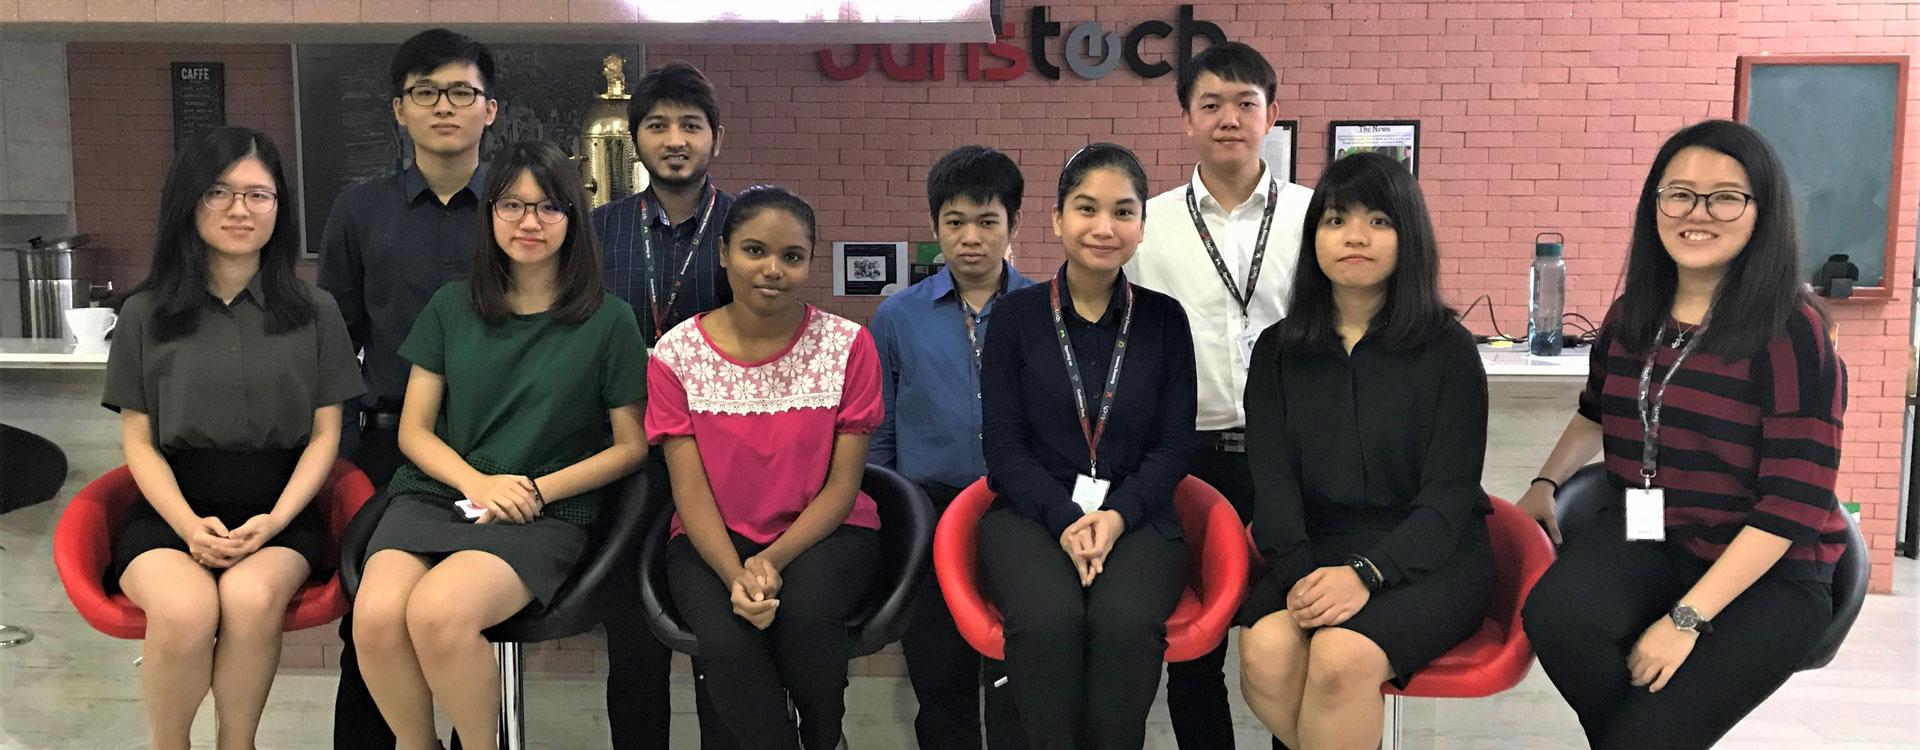 juris-internship-programme-20190603-optimised